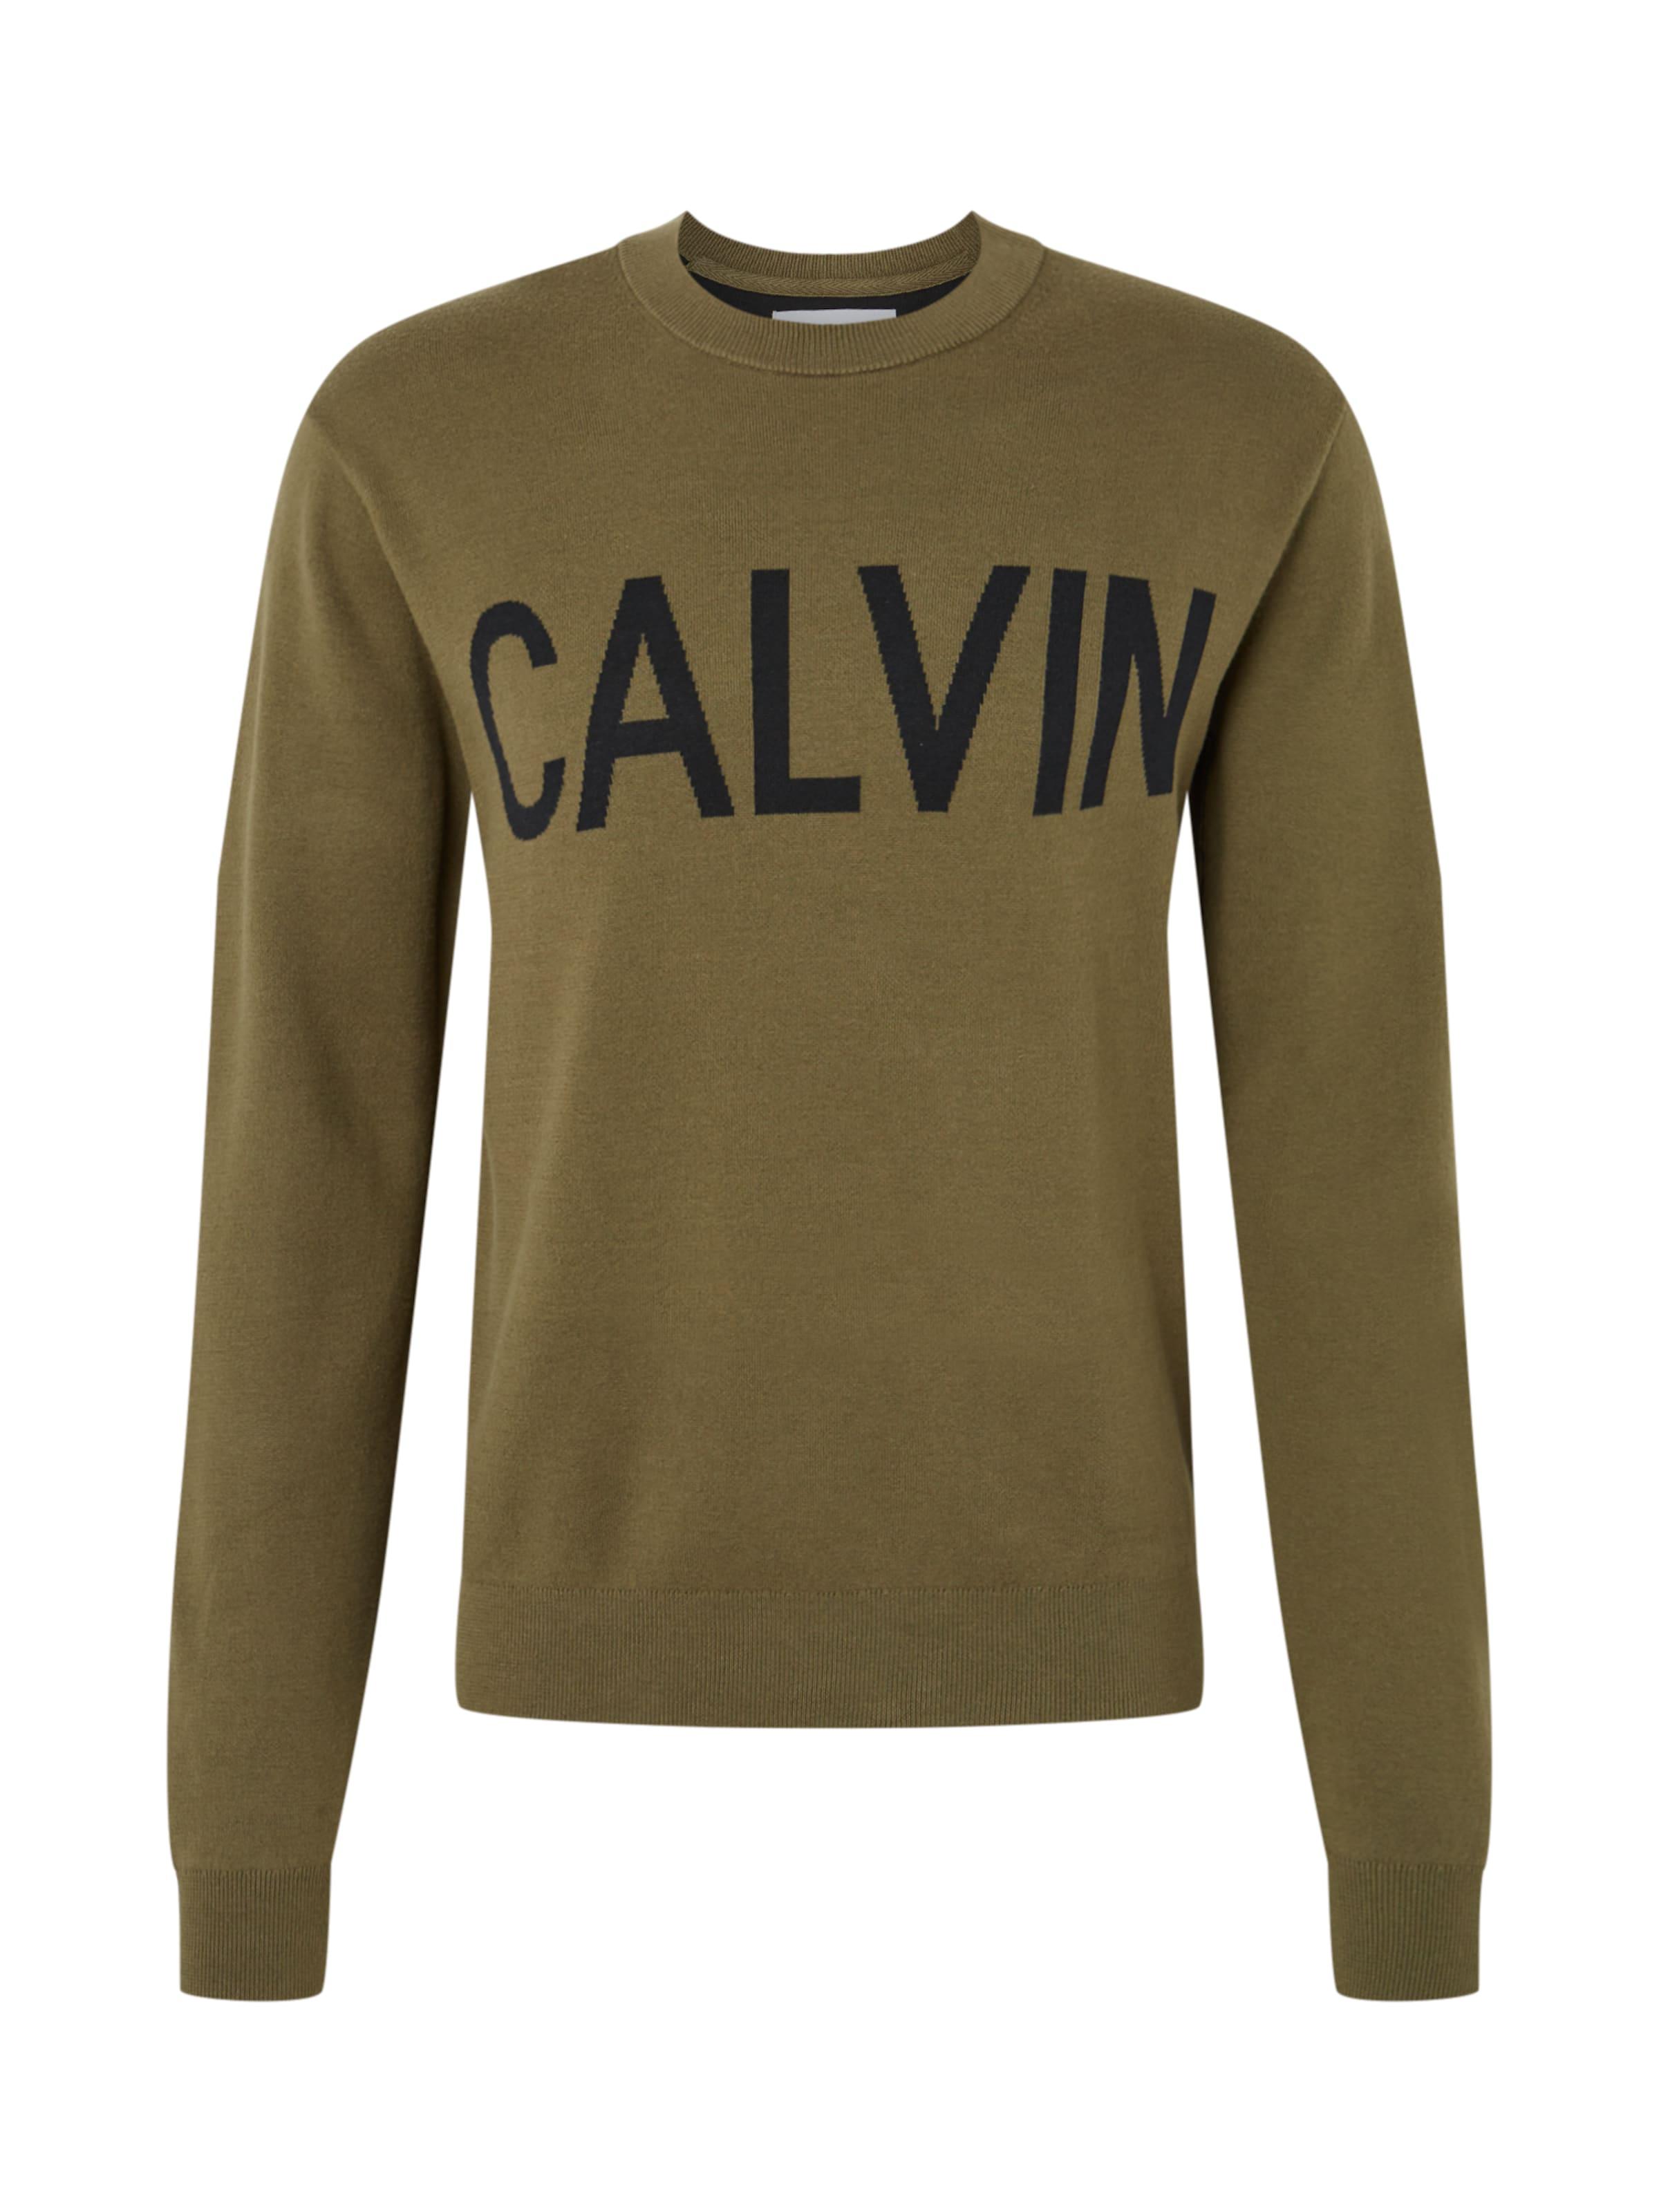 KhakiSchwarz Jeans Klein In Calvin Sweatshirt 'calvin' XiulOTwkZP